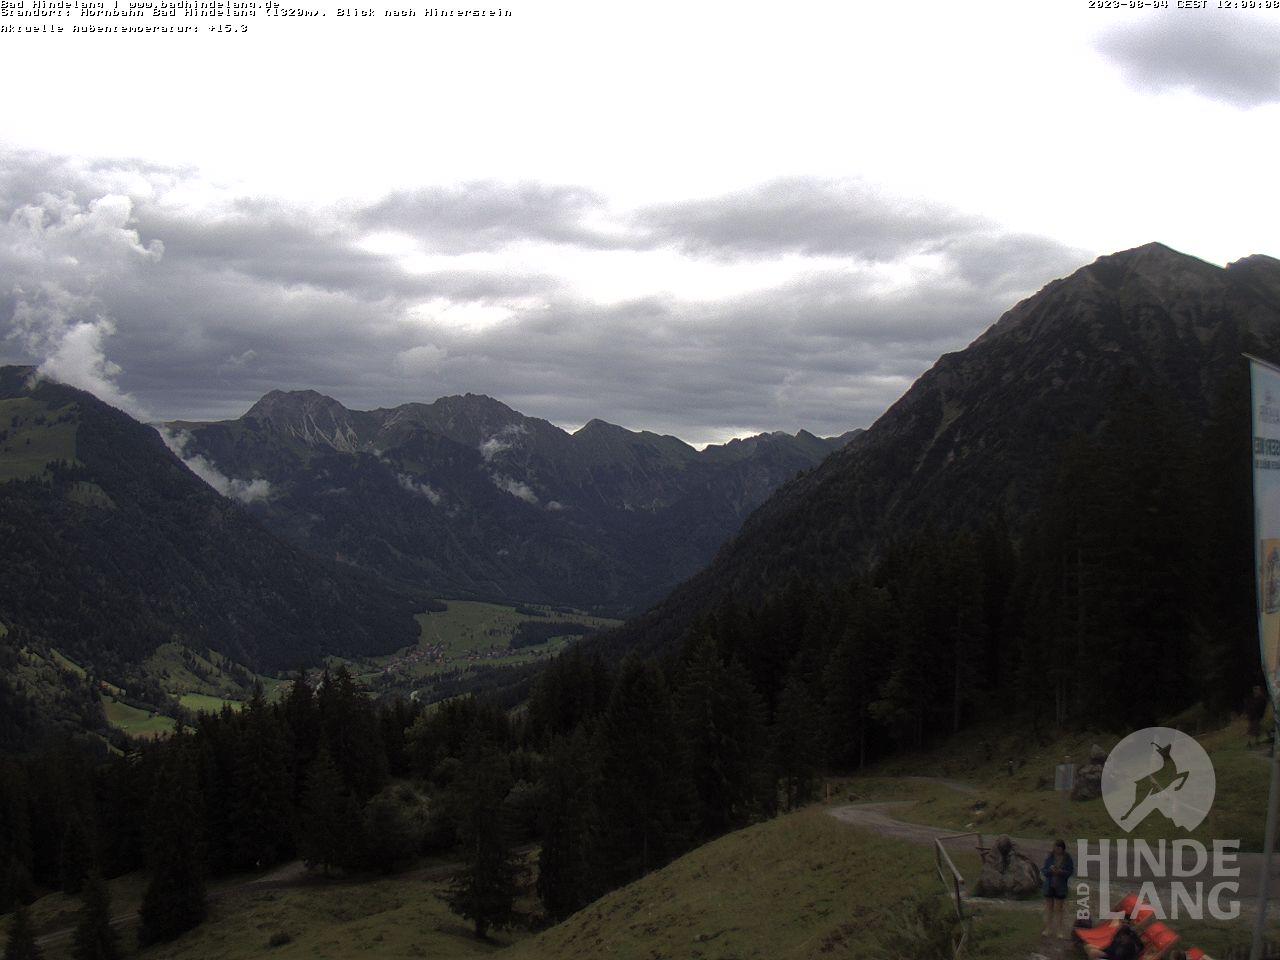 Webcam 2 Hornbahn Hindelang